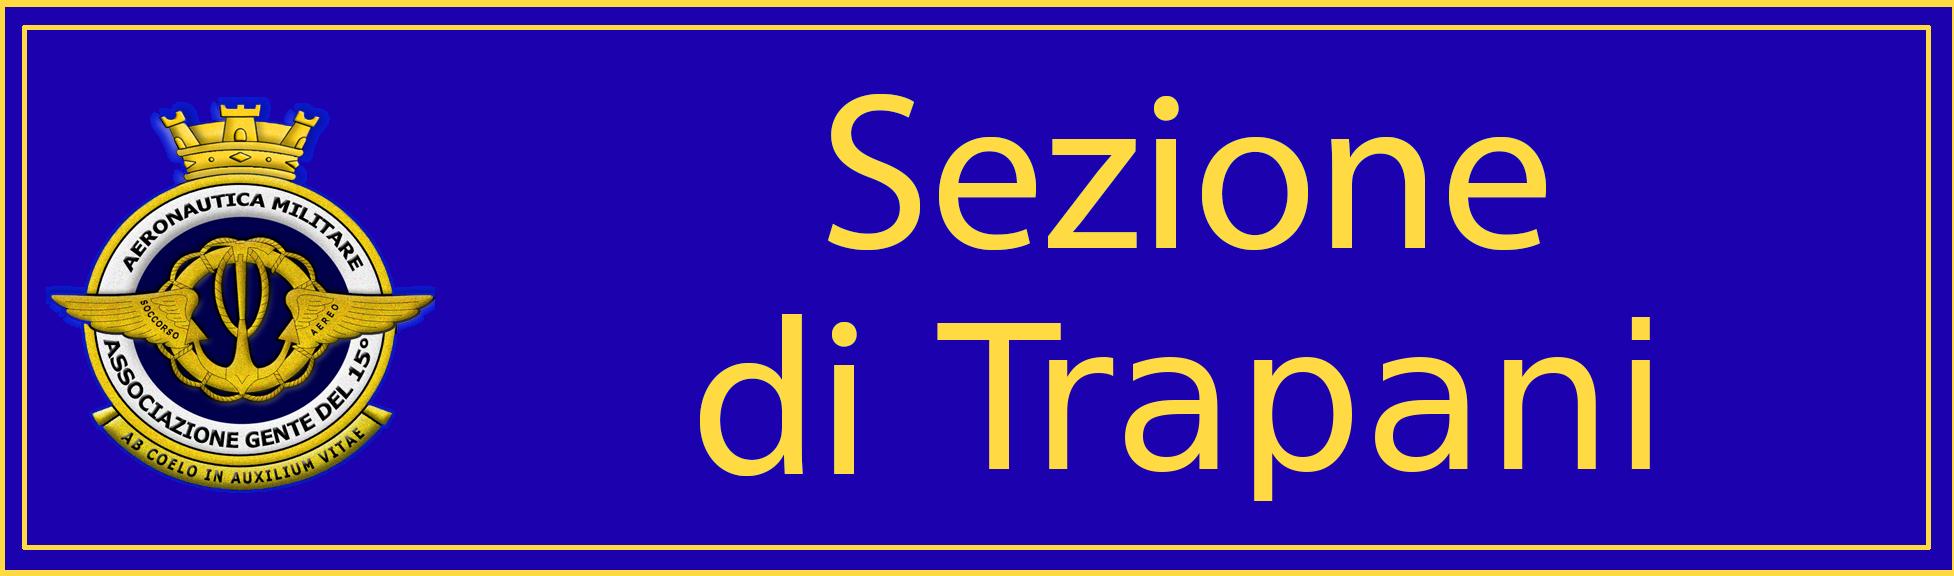 Accedi alla Sezione territoriale di Trapani